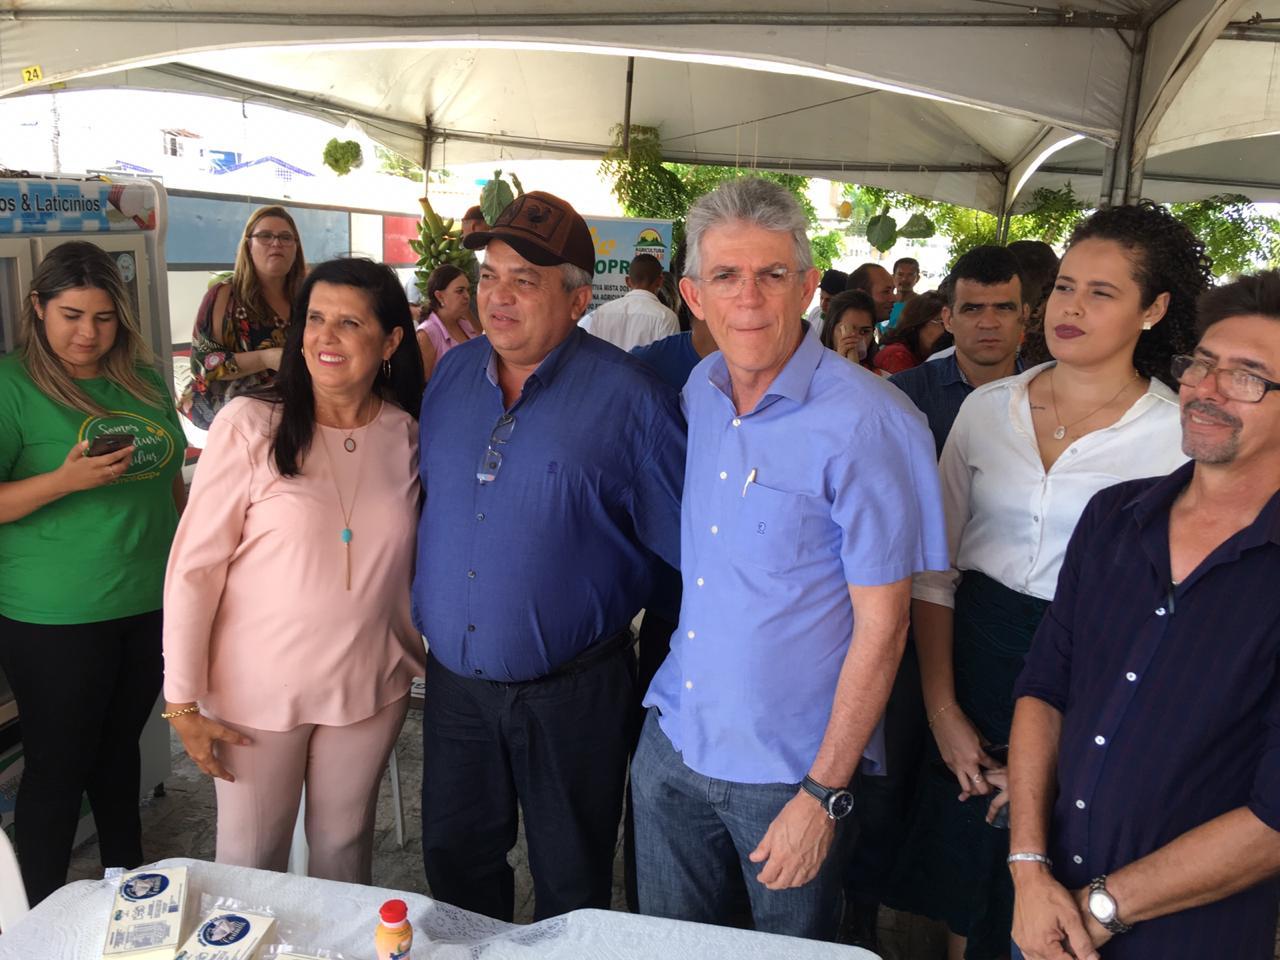 """f3a9174d a3d1 4b54 bda3 17e15b0d0fe0 - Governador Ricardo Coutinho volta a criticar eleição de Jair Bolsonaro: """"O Brasil fez um retrocesso inadmissível"""""""